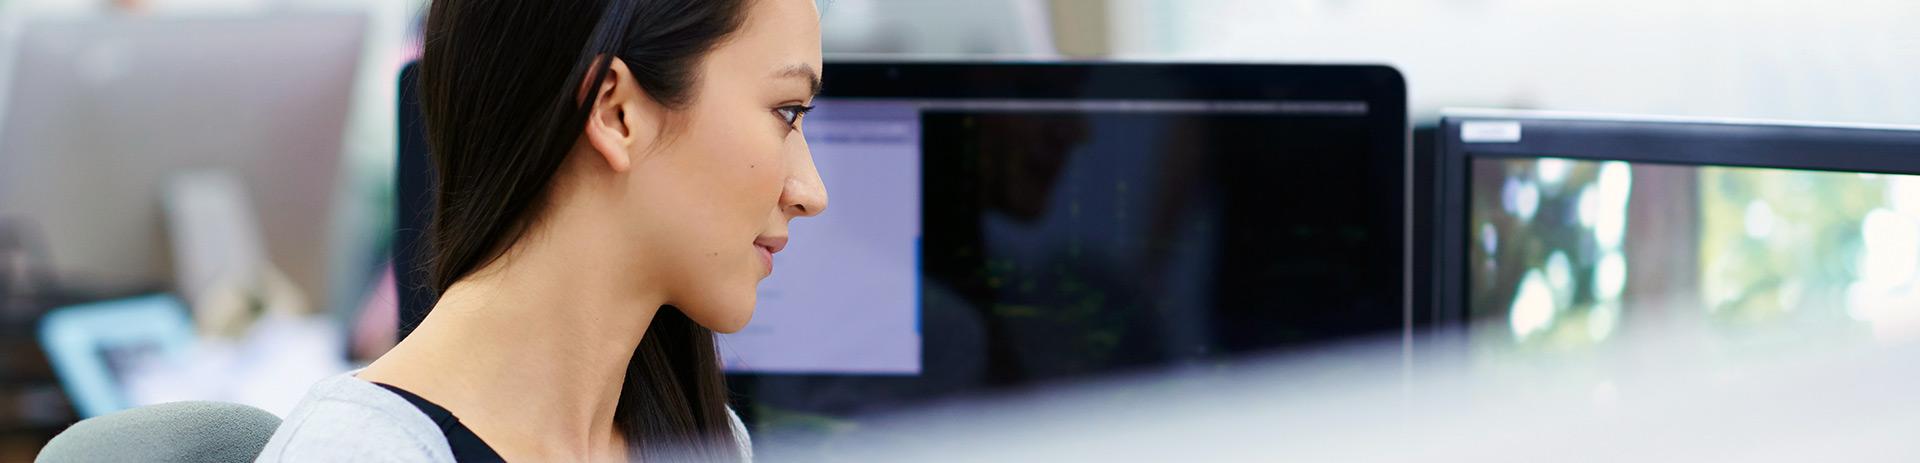 eine junge Frau sitzt vor zwei Bildschirmen